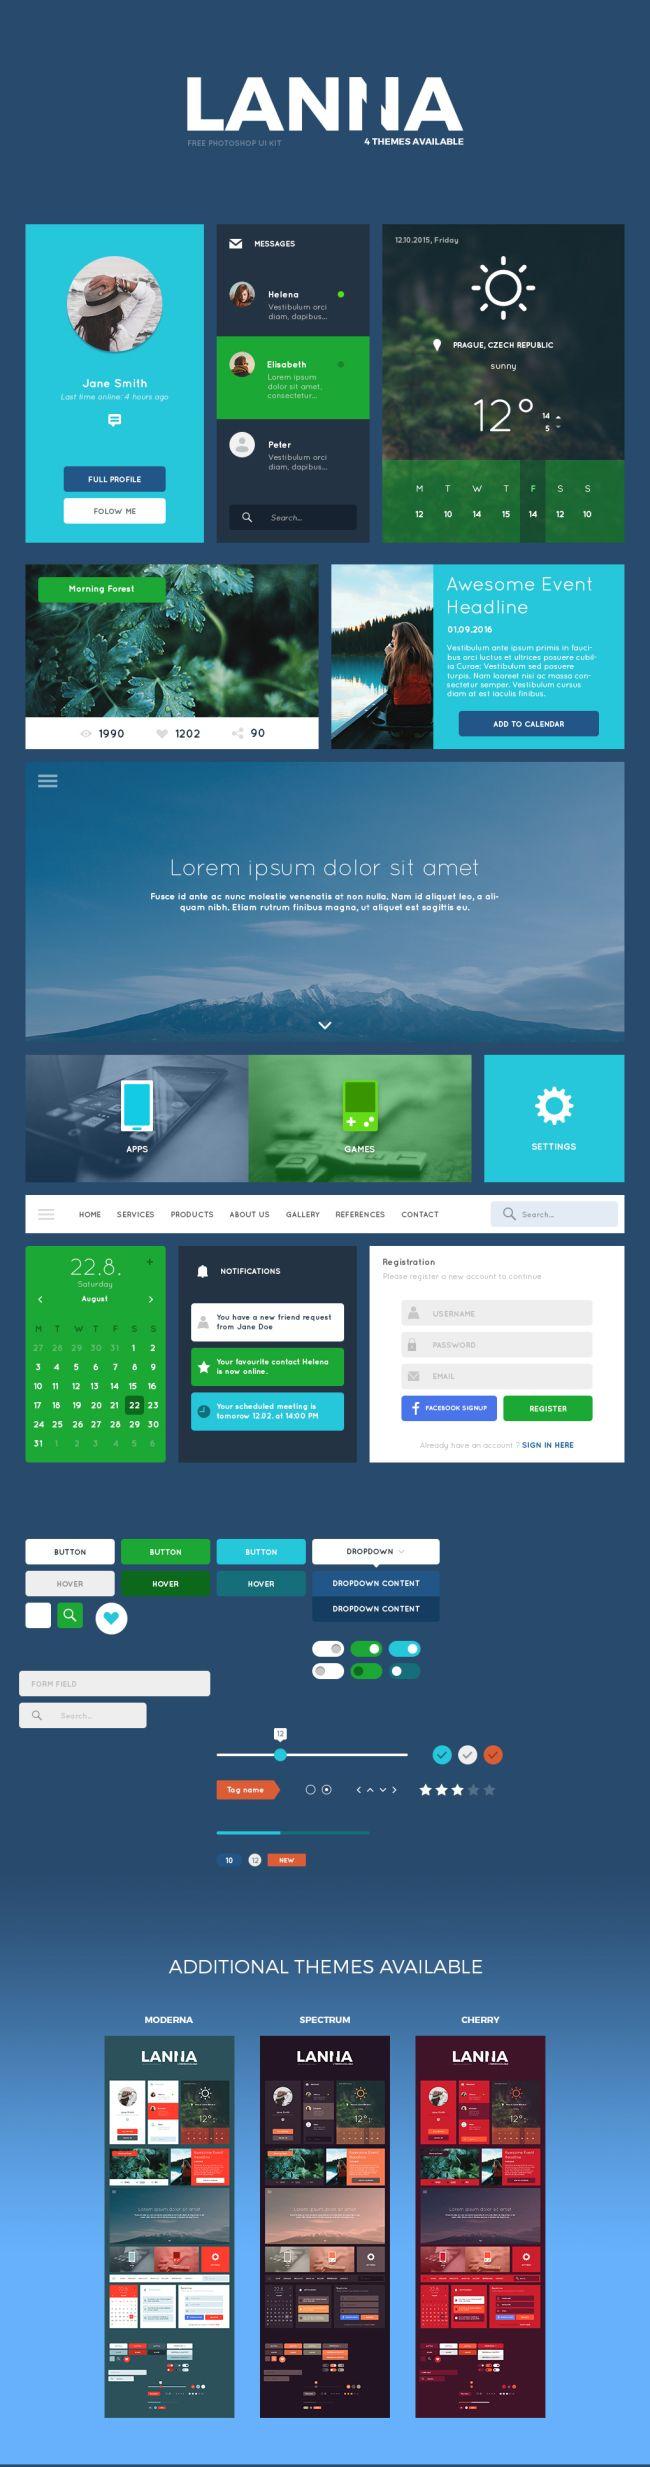 Lanna-free UI Kit